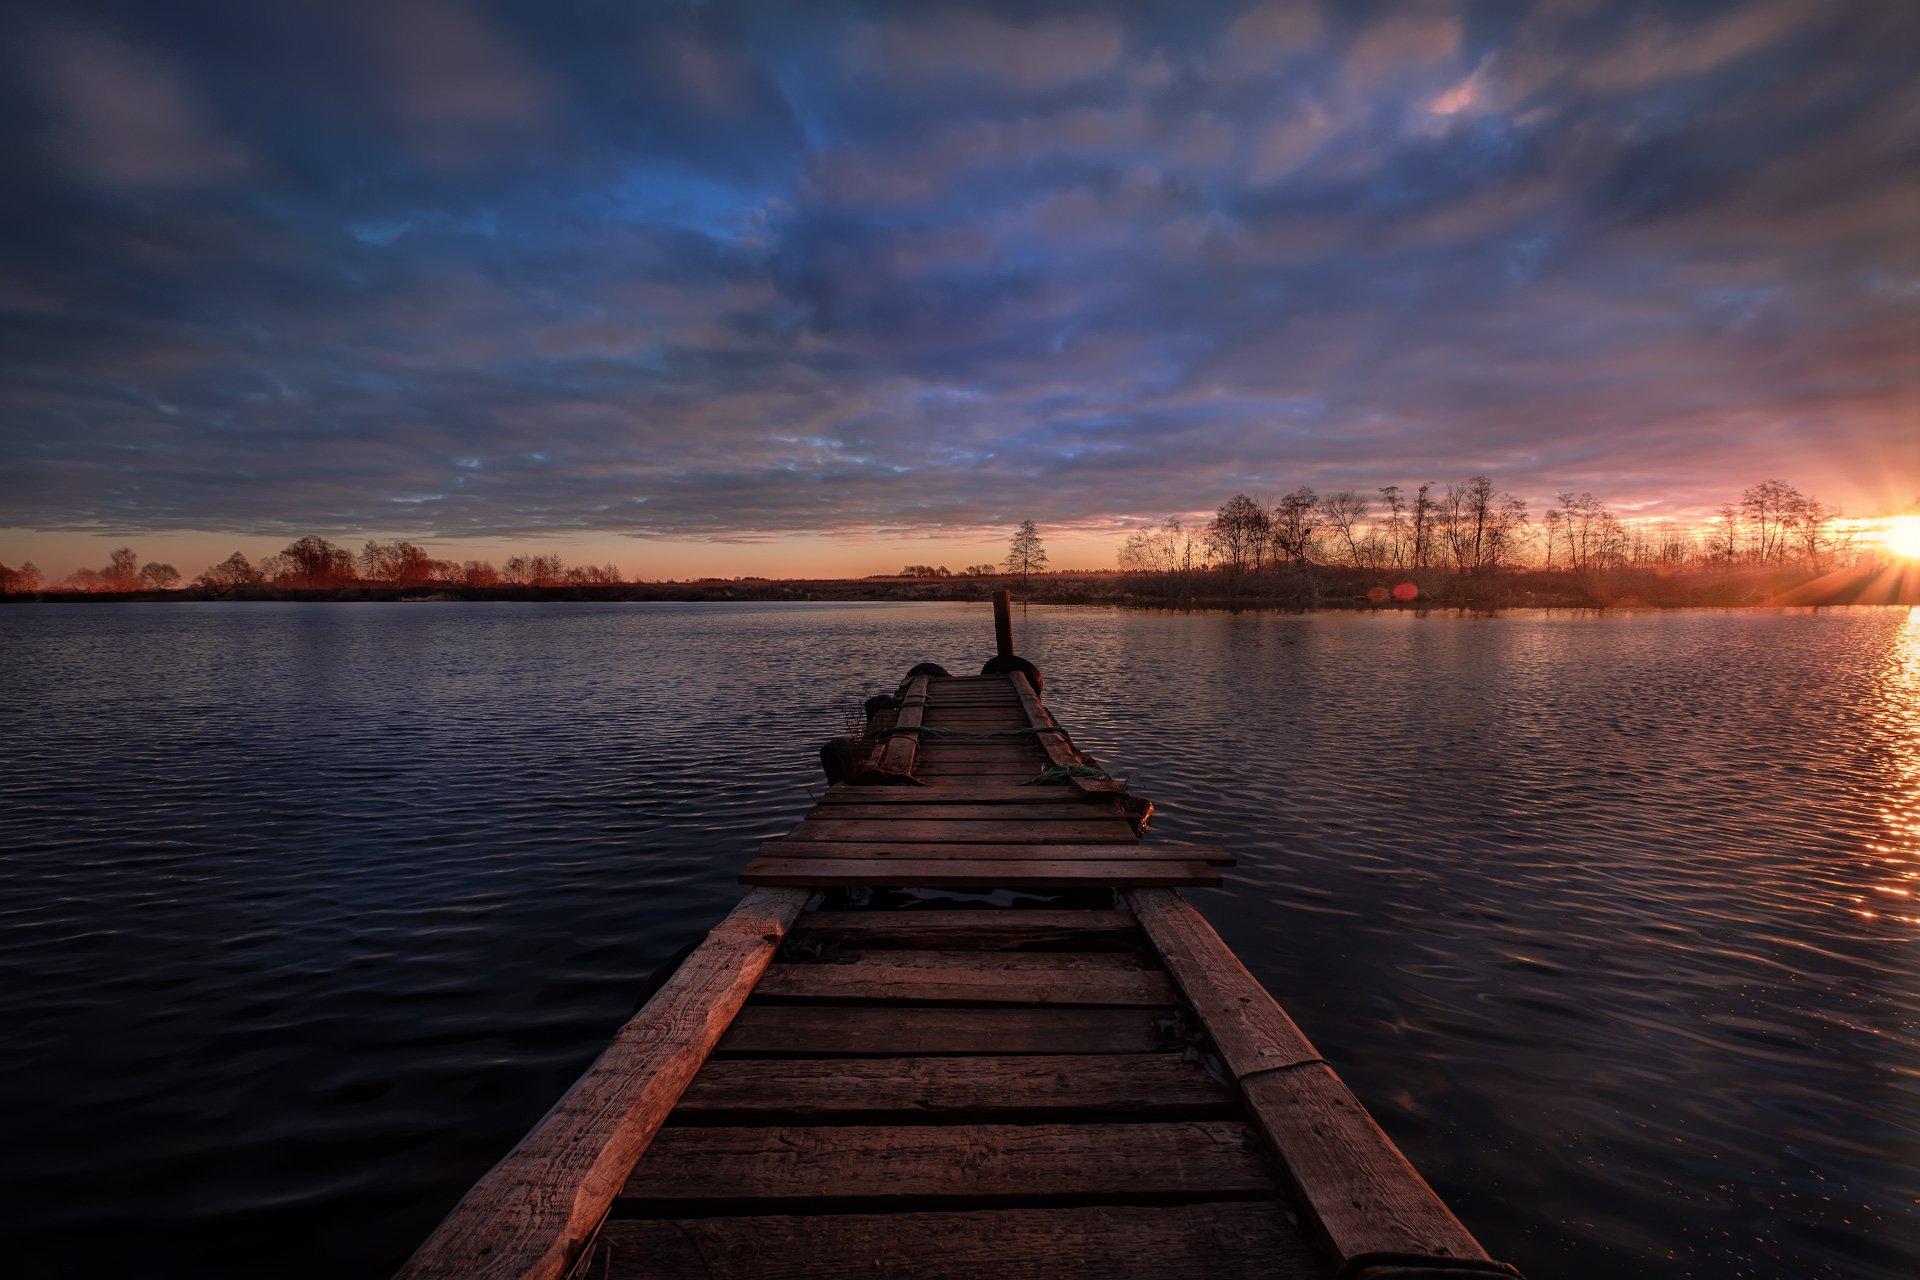 дубна, река, причал, ноябрь, холод, утро, рассвет, облачность, солнце, восход, вода, Андрей Чиж